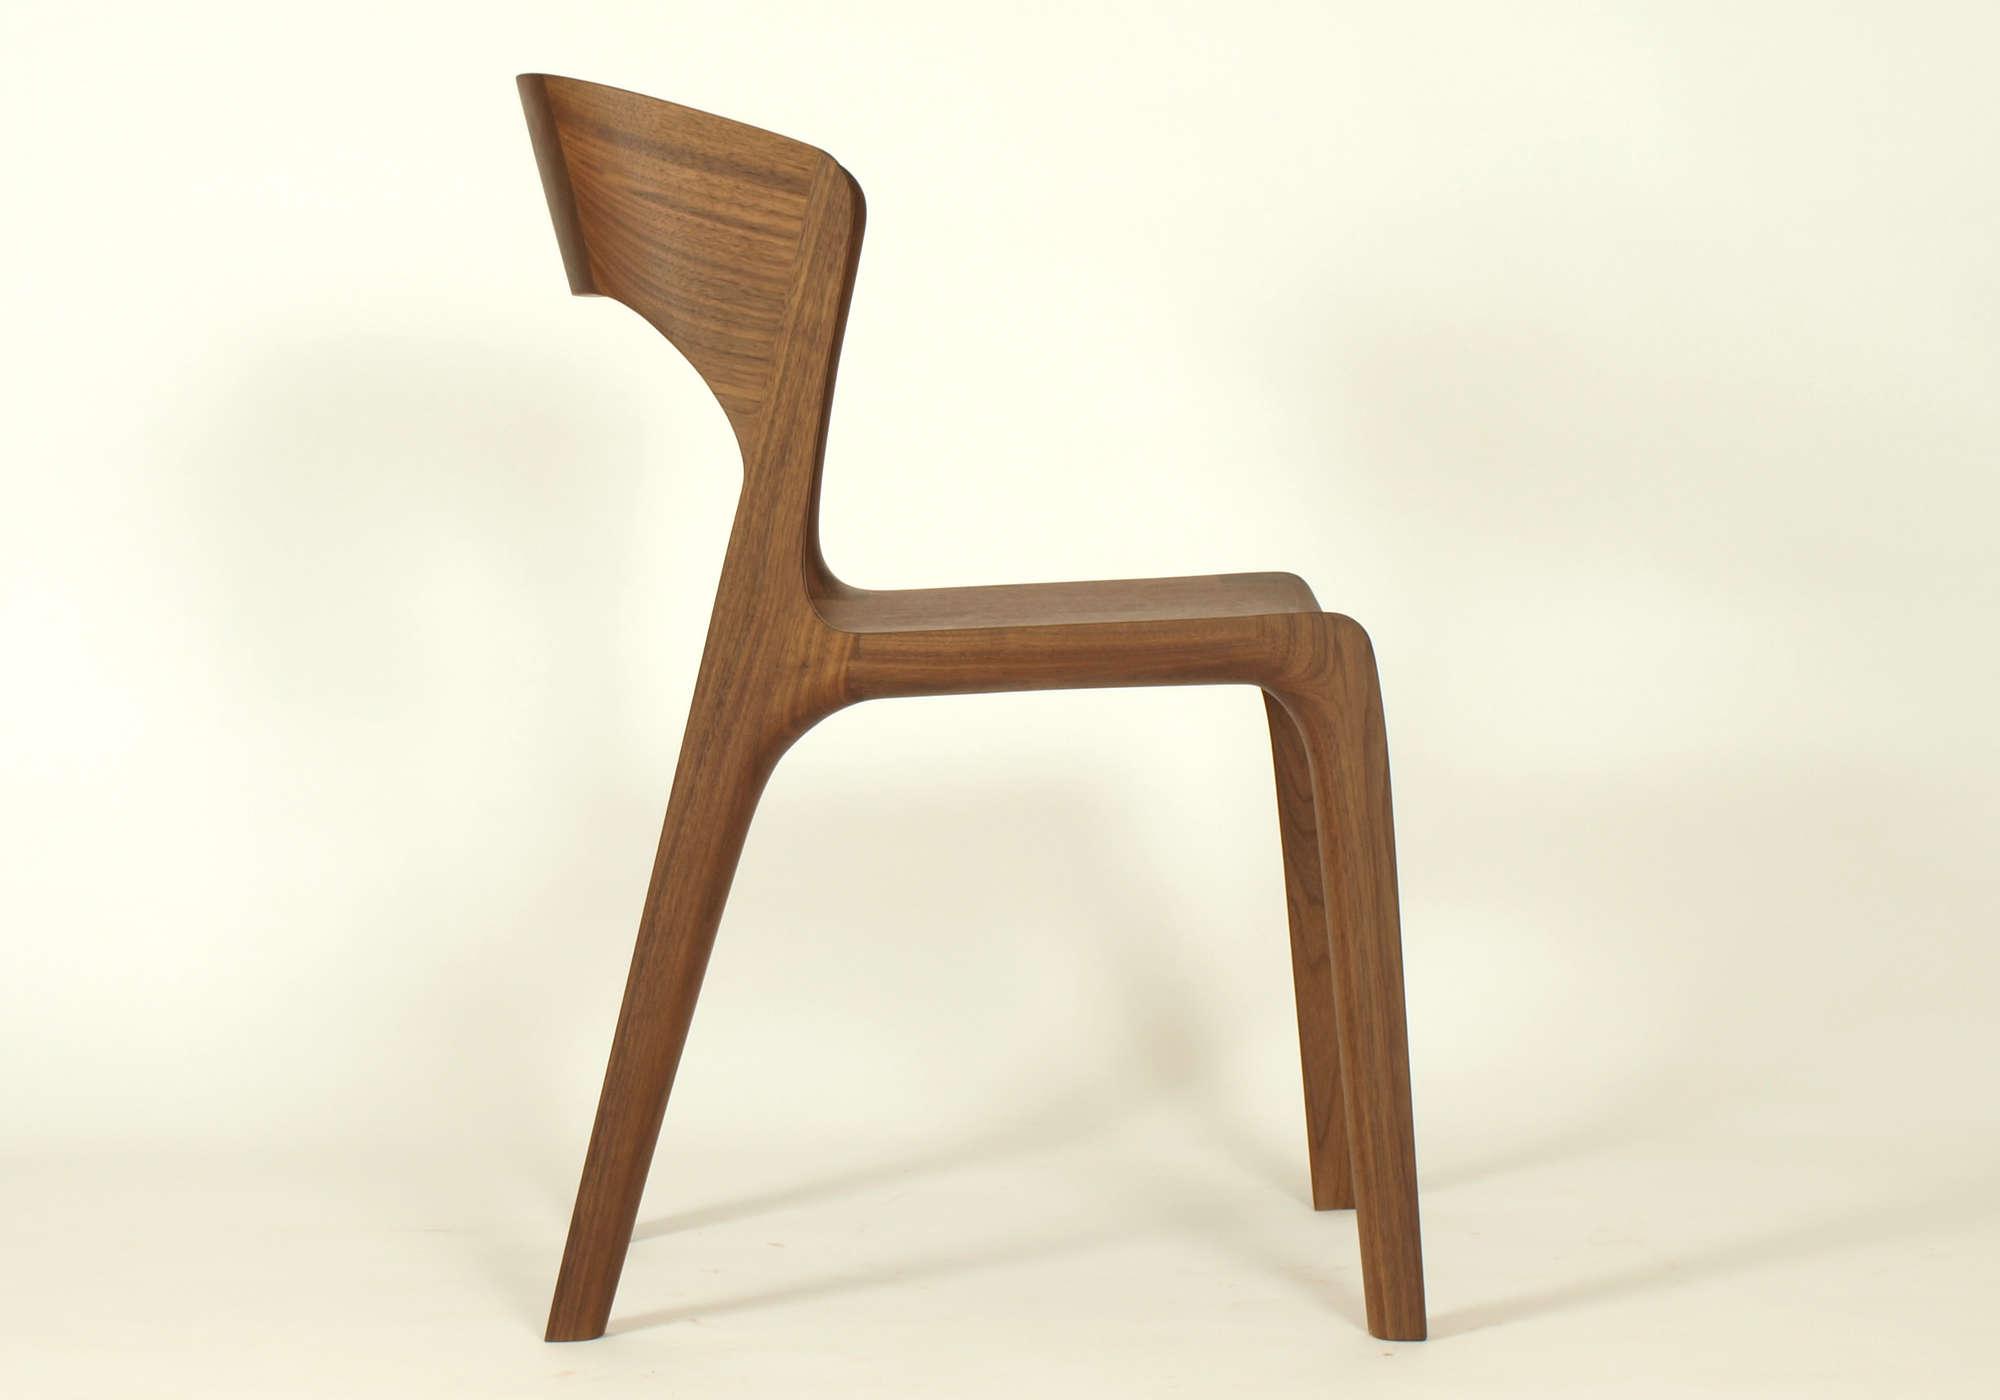 Esszimmerstuhl aus Holz, individuelle Fertigung, zur Modellauswahl